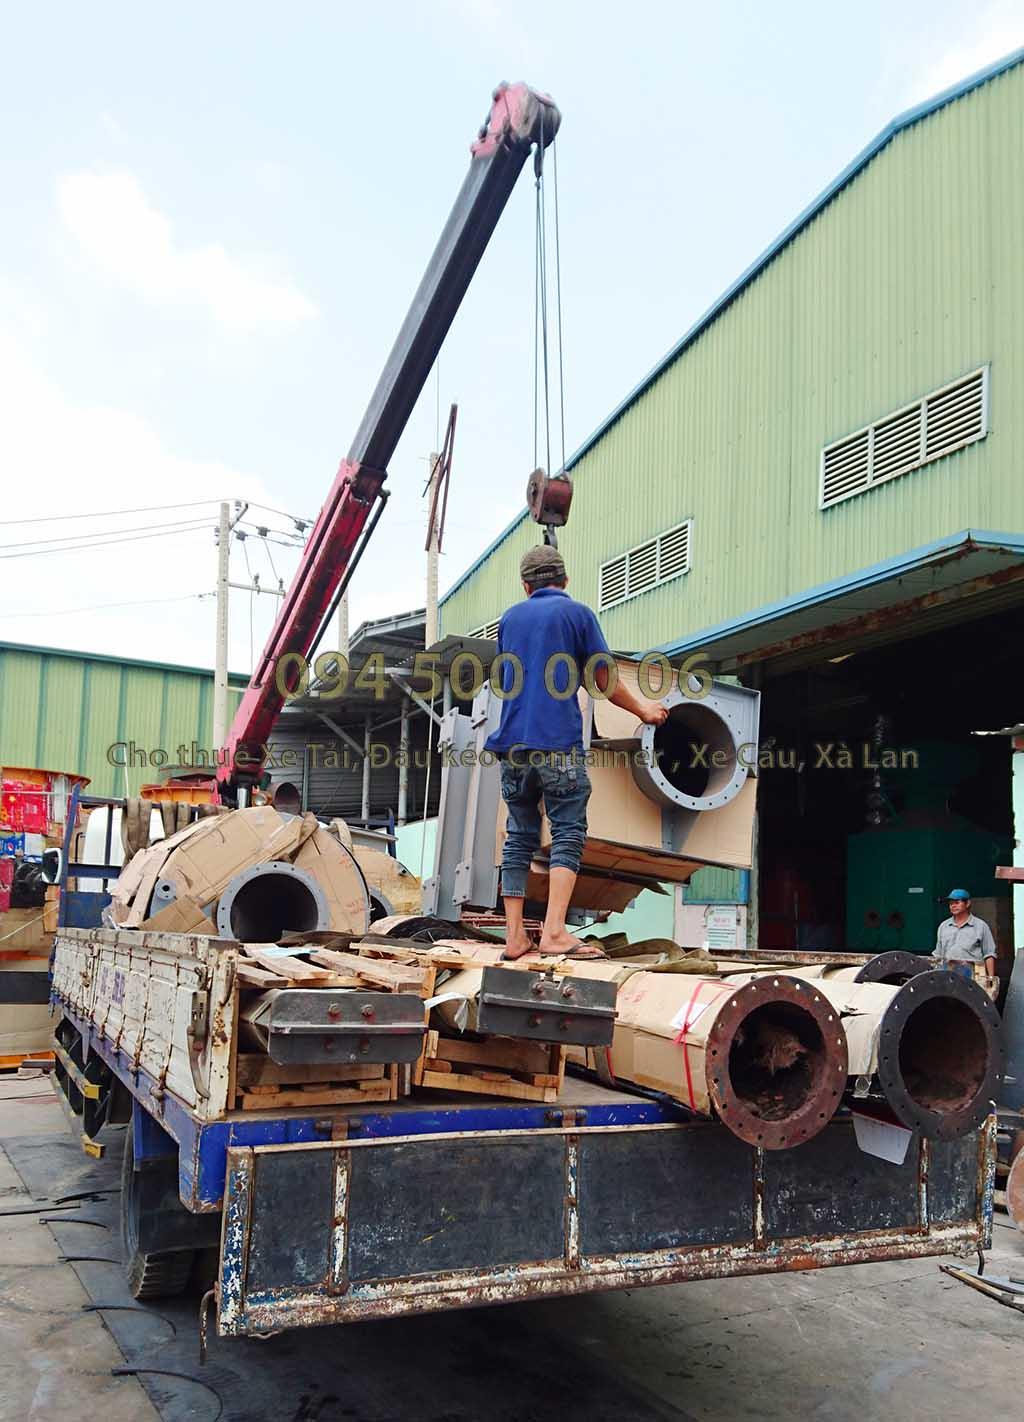 (Ảnh: Dự án vận chuyển lò đốt rác từ Long an Đi Hà Nội; trong ảnh lái xe đang thực hiện việc di chuyển hàng từ trong kho qua xe tải lớn)